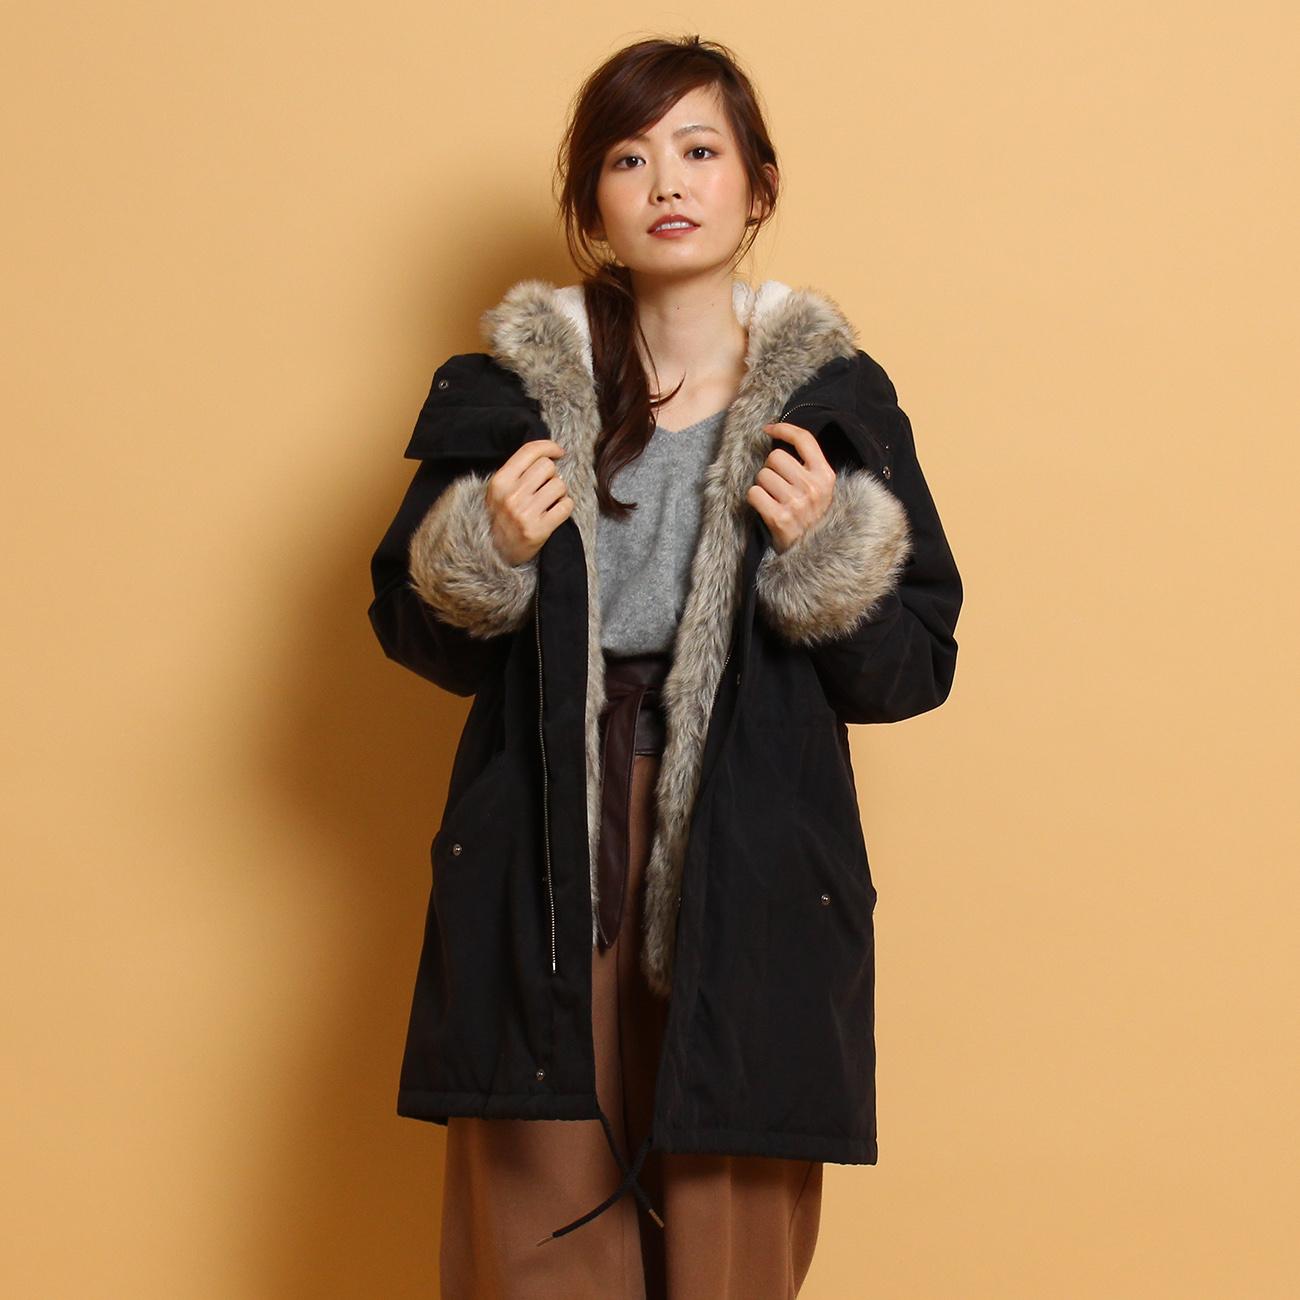 【THE SHOP TK(Ladies) (ザ ショップ ティーケー(レディース))】【保温機能】モッズコートレディース コート モッズ・フィールドコート ブラック